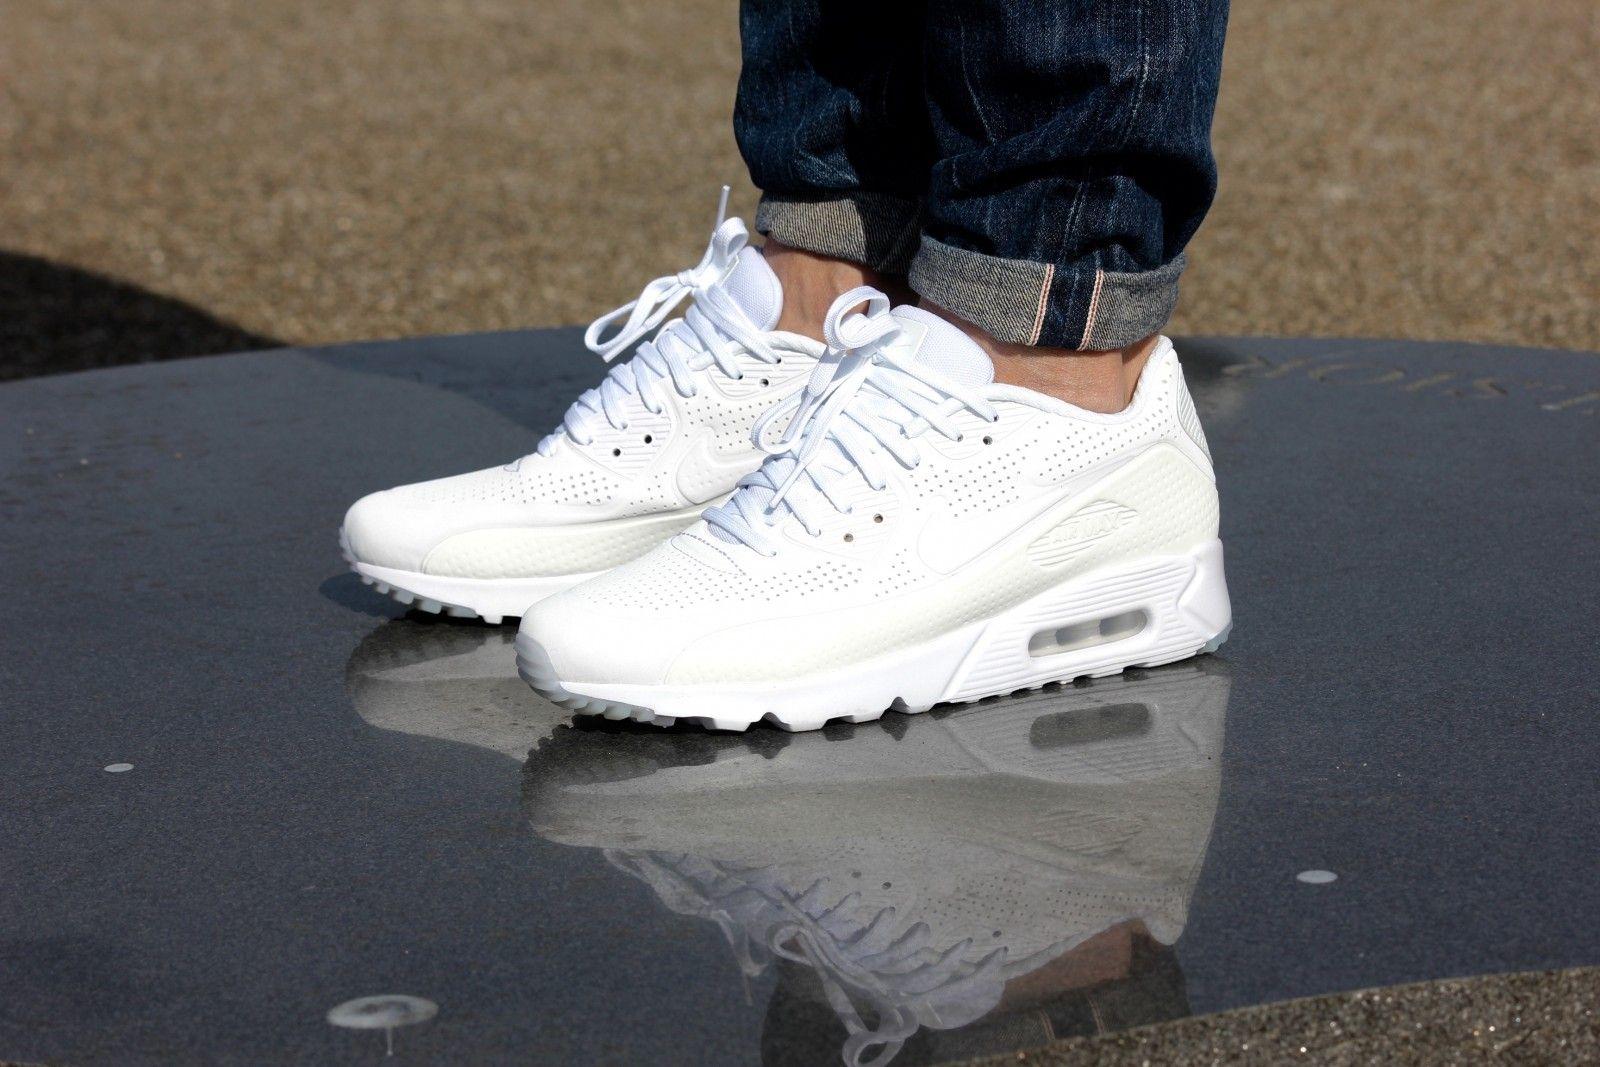 Real Boost VS Fake Adidas